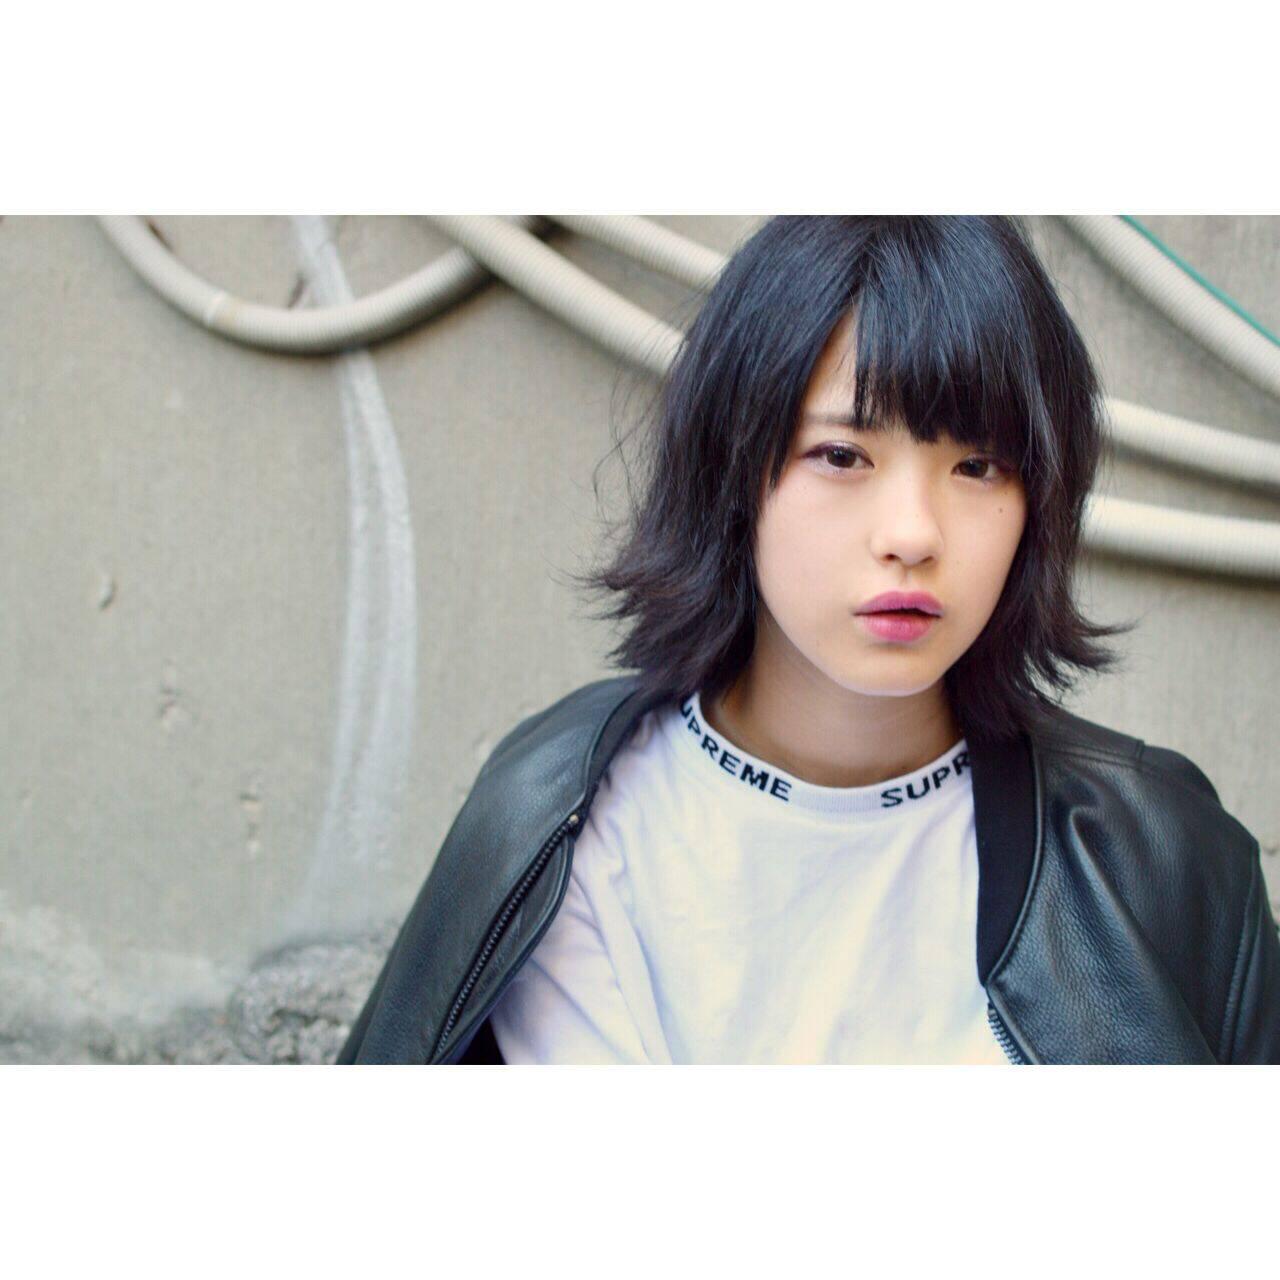 ウェーブ 黒髪 モード ストレートヘアスタイルや髪型の写真・画像